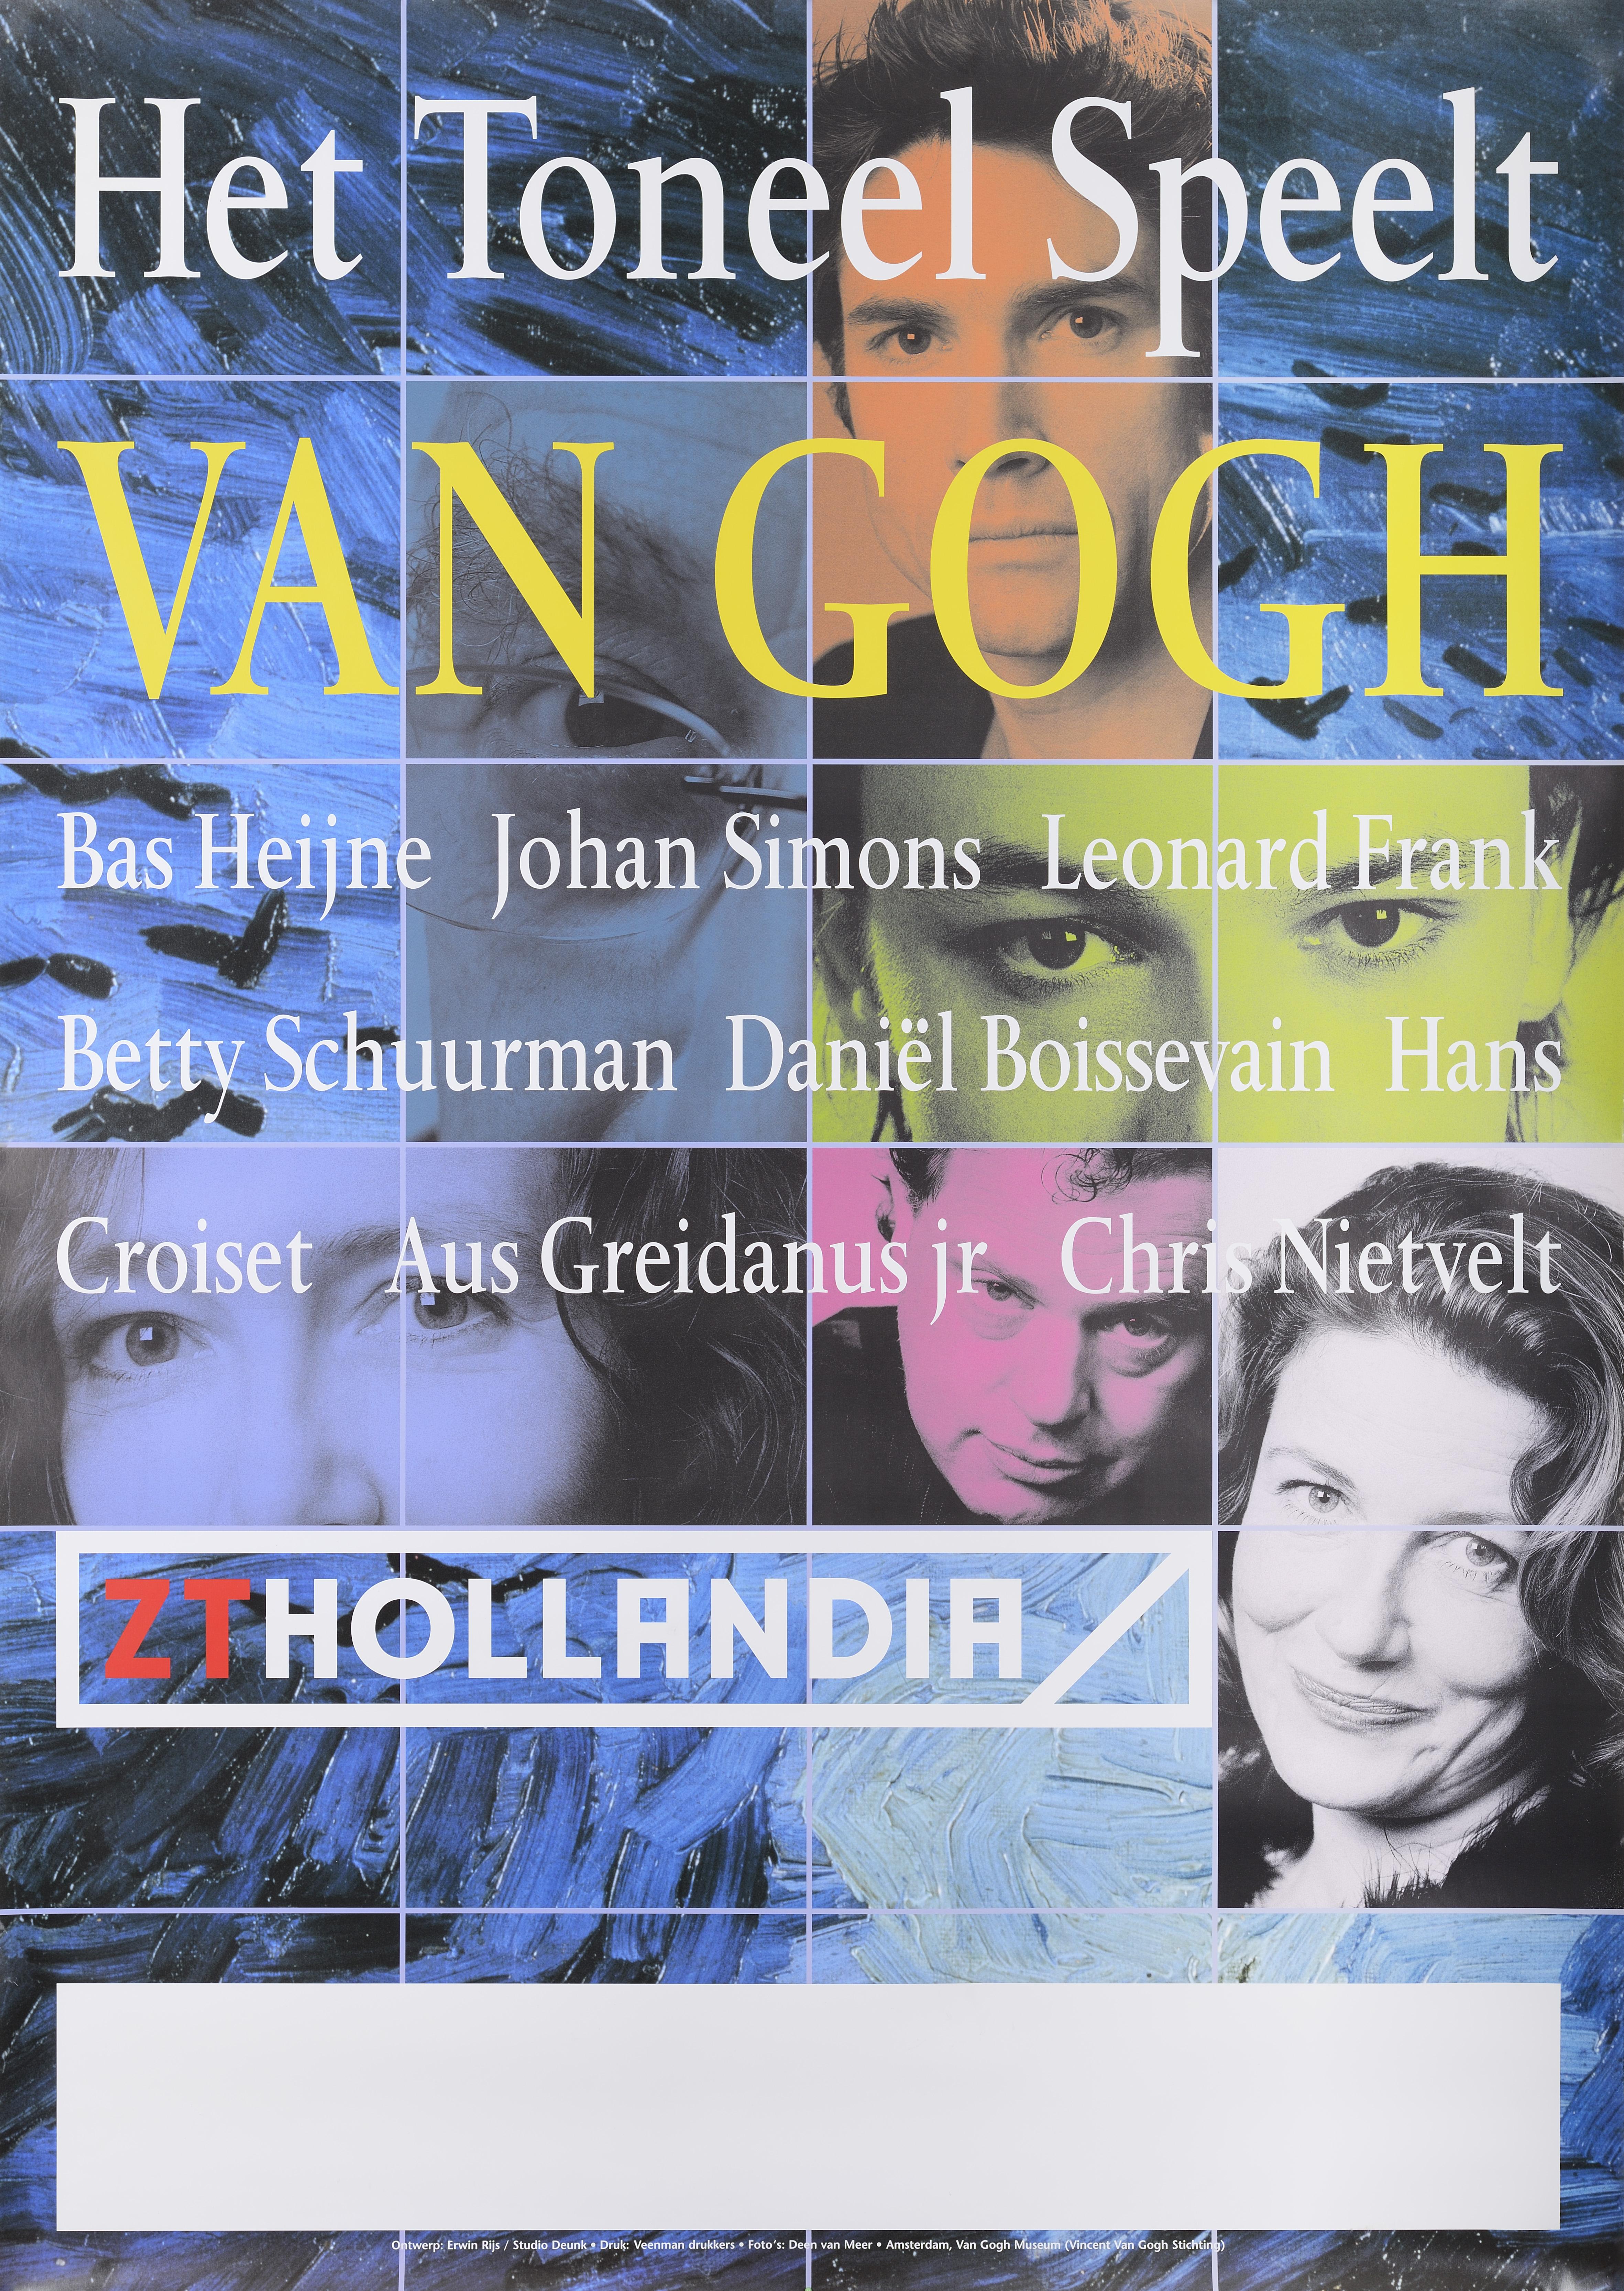 Affiche - Het Toneel Speelt - Van Gogh